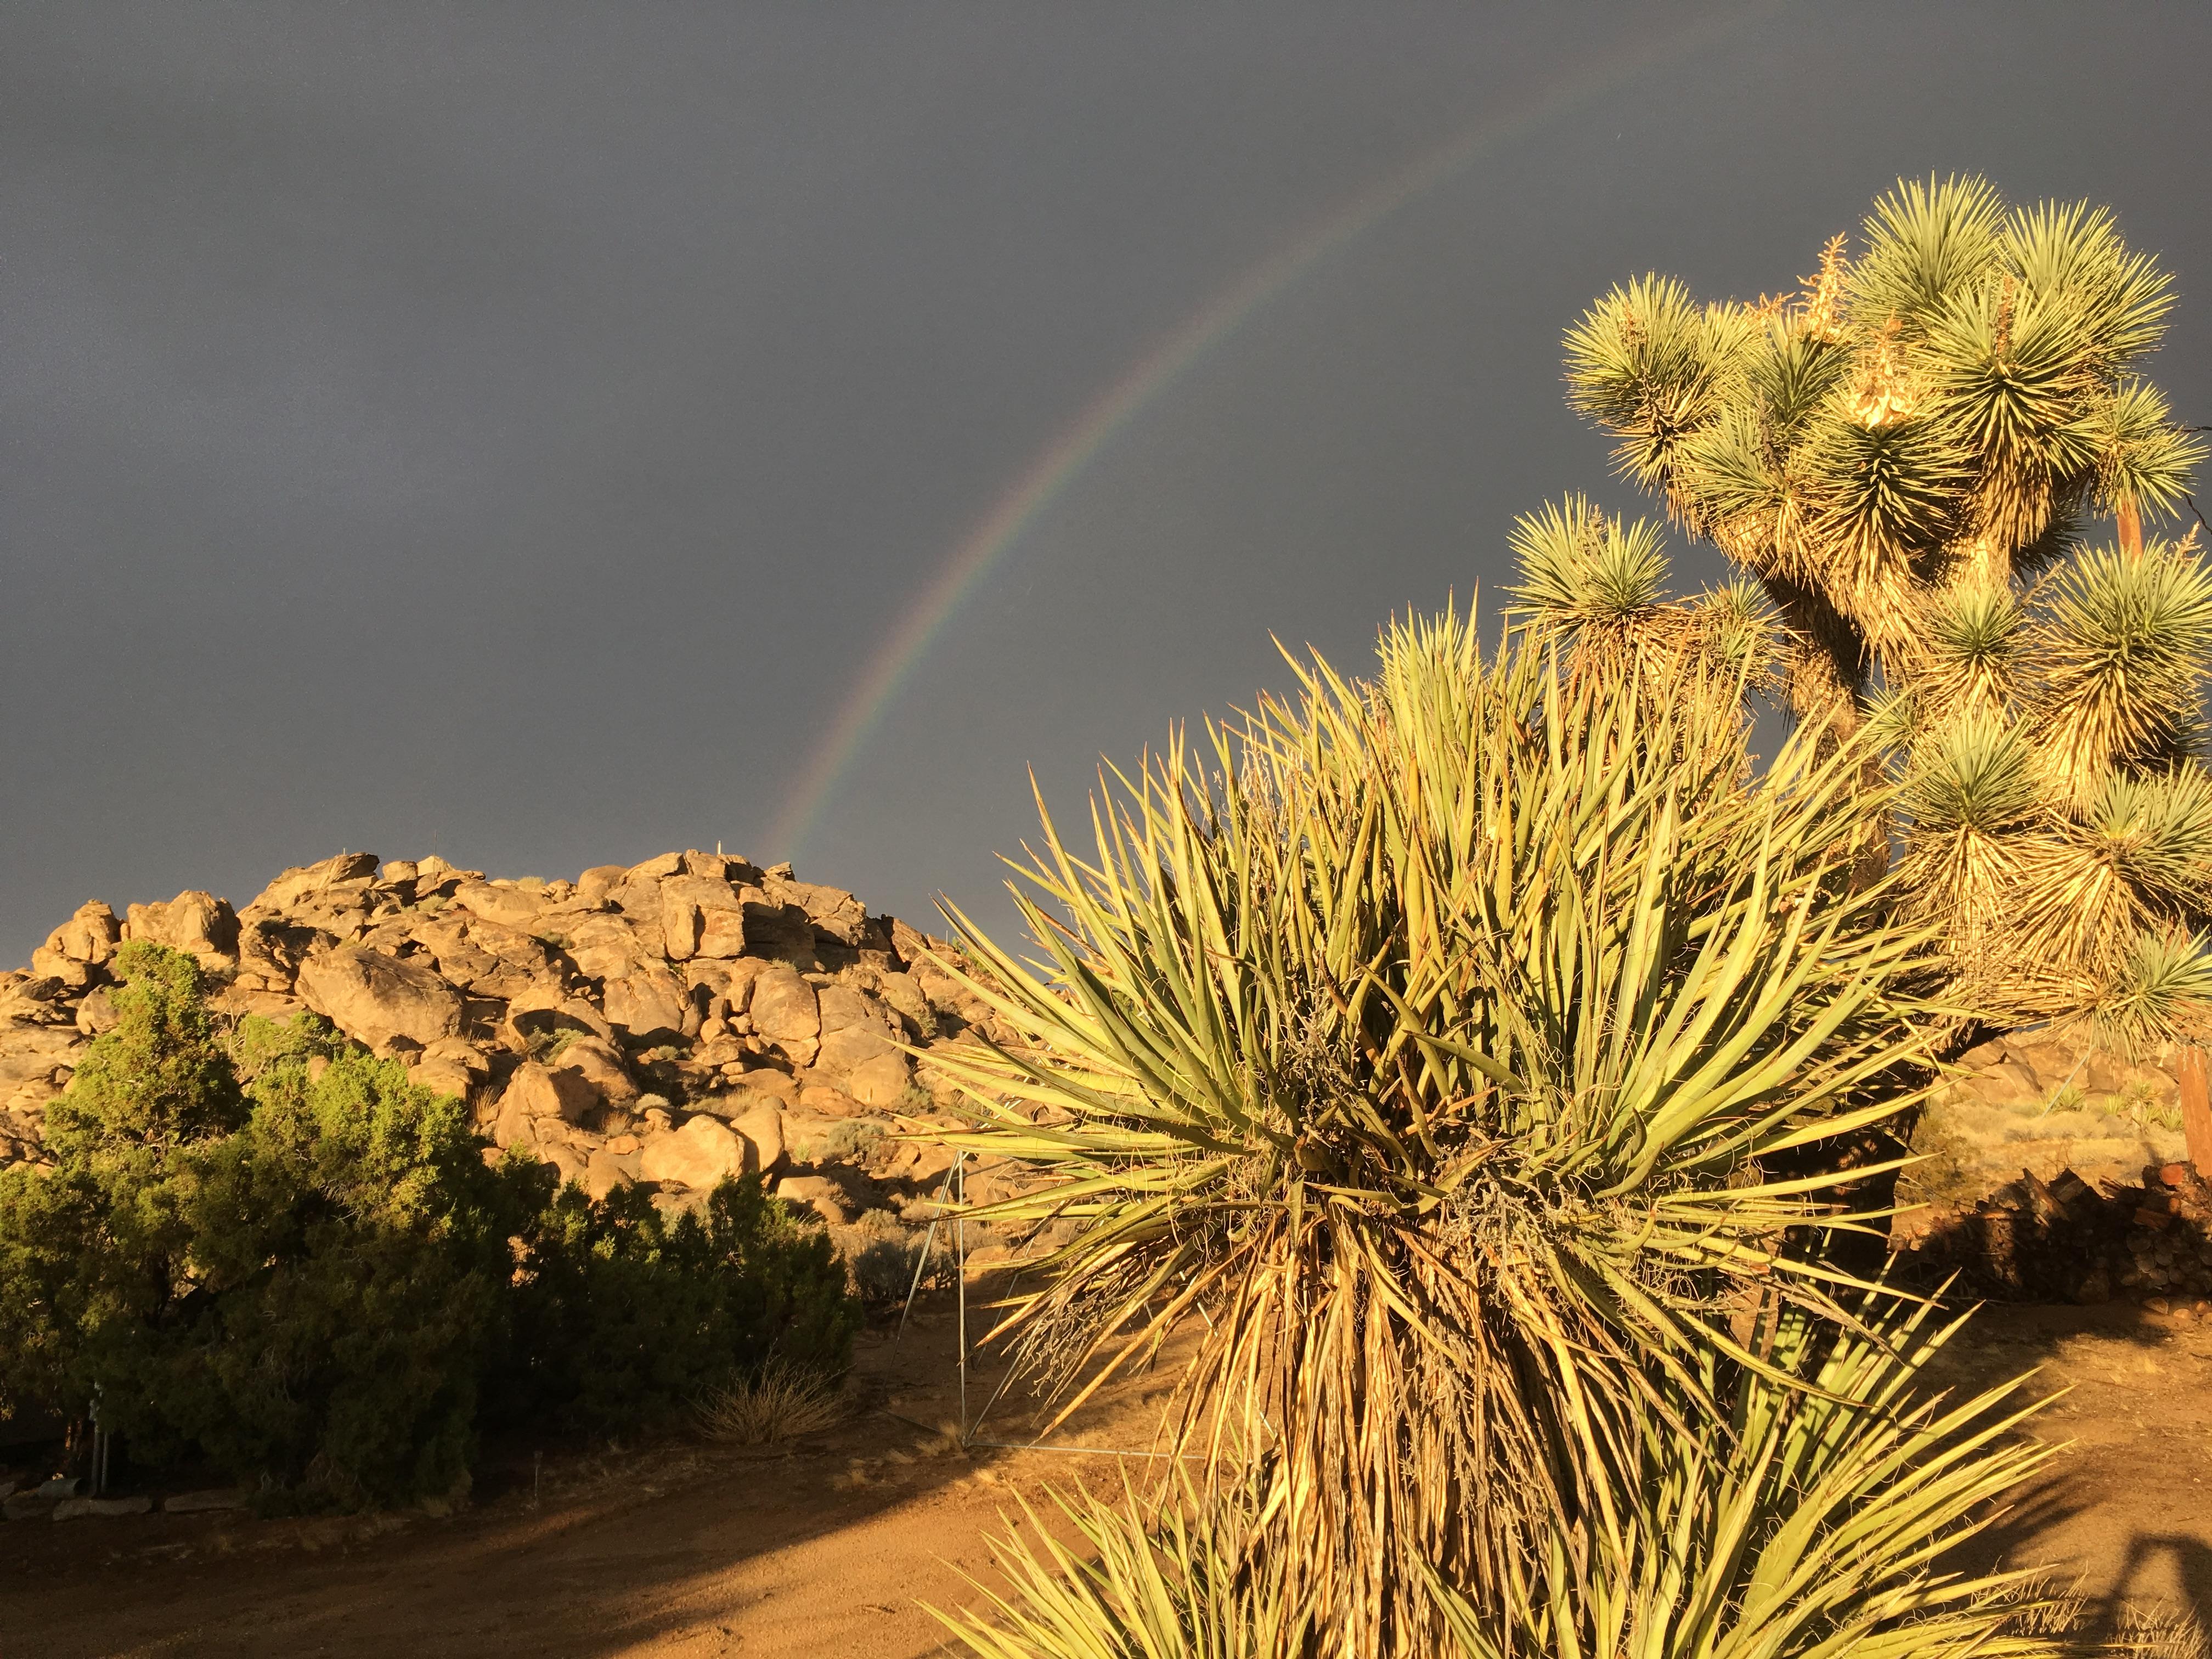 Rainbow's Edge